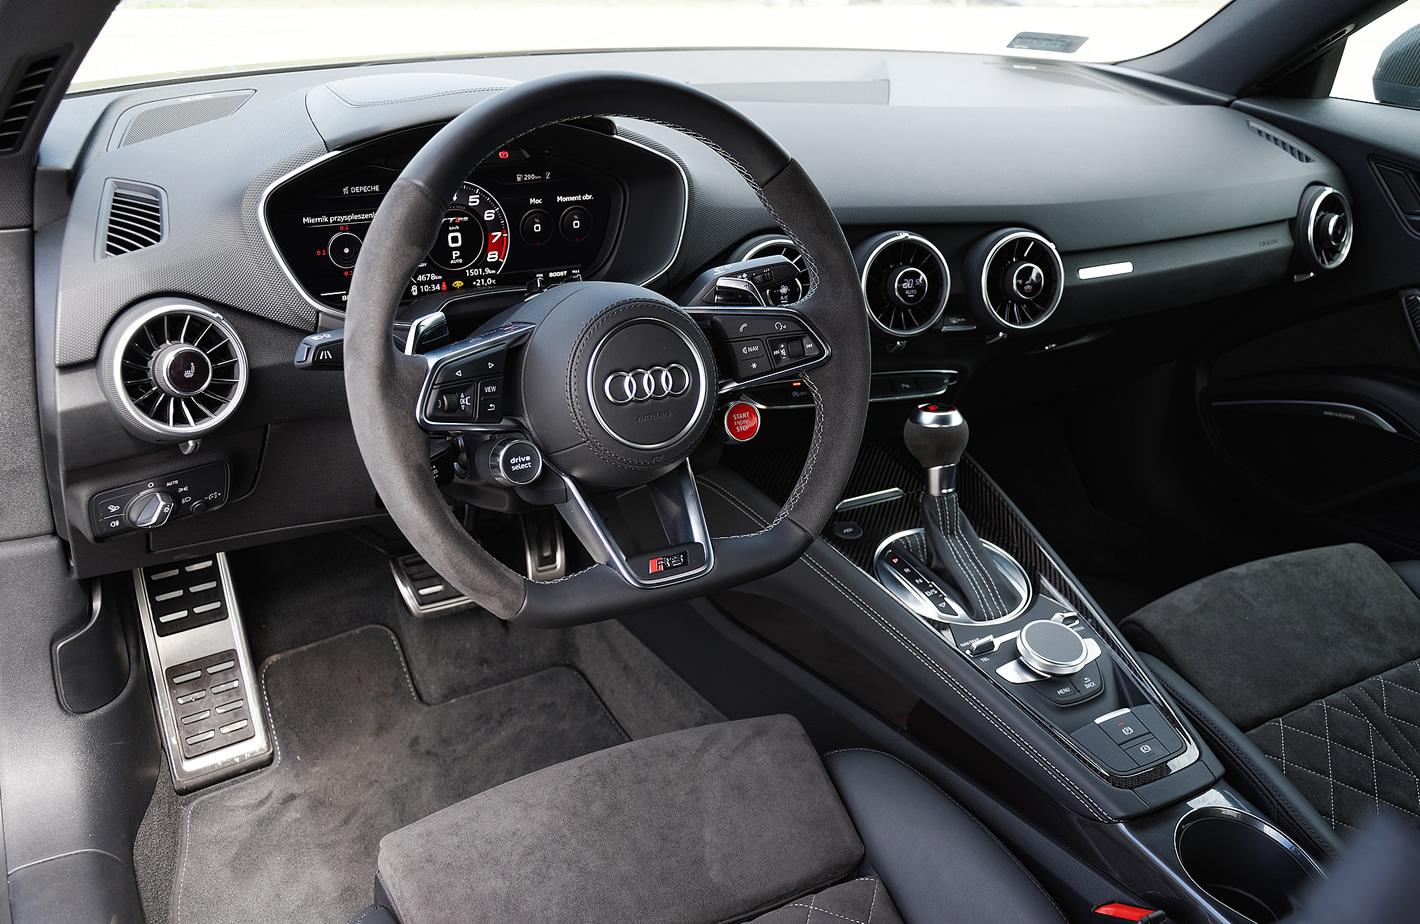 Audi TT RS - zdjęcie całego przodu samochodu od środka